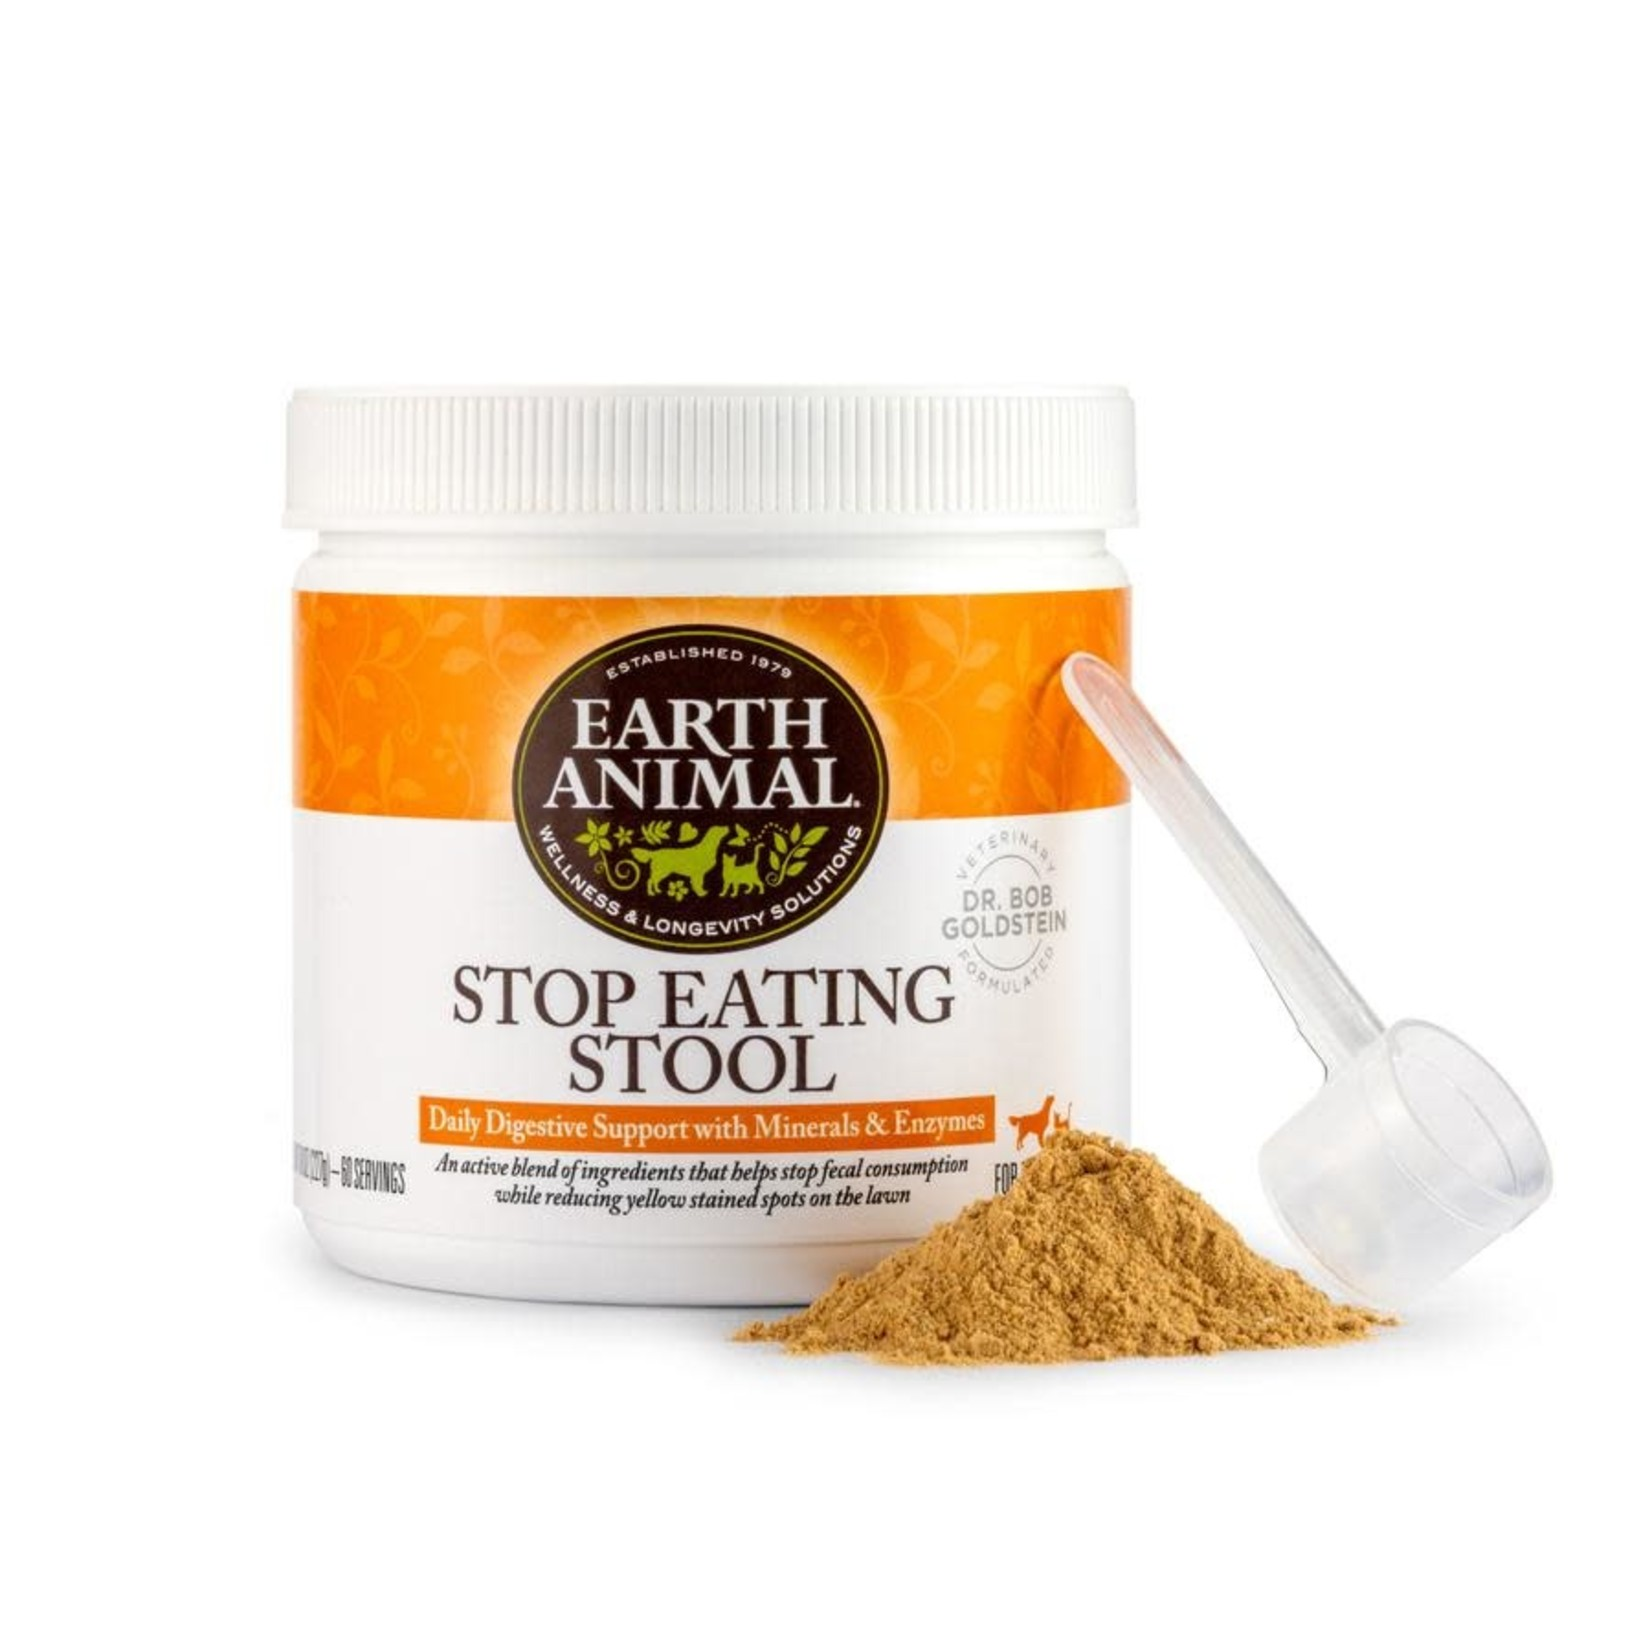 Earth Animal Earth Animal Stop Eating Stool 8 OZ